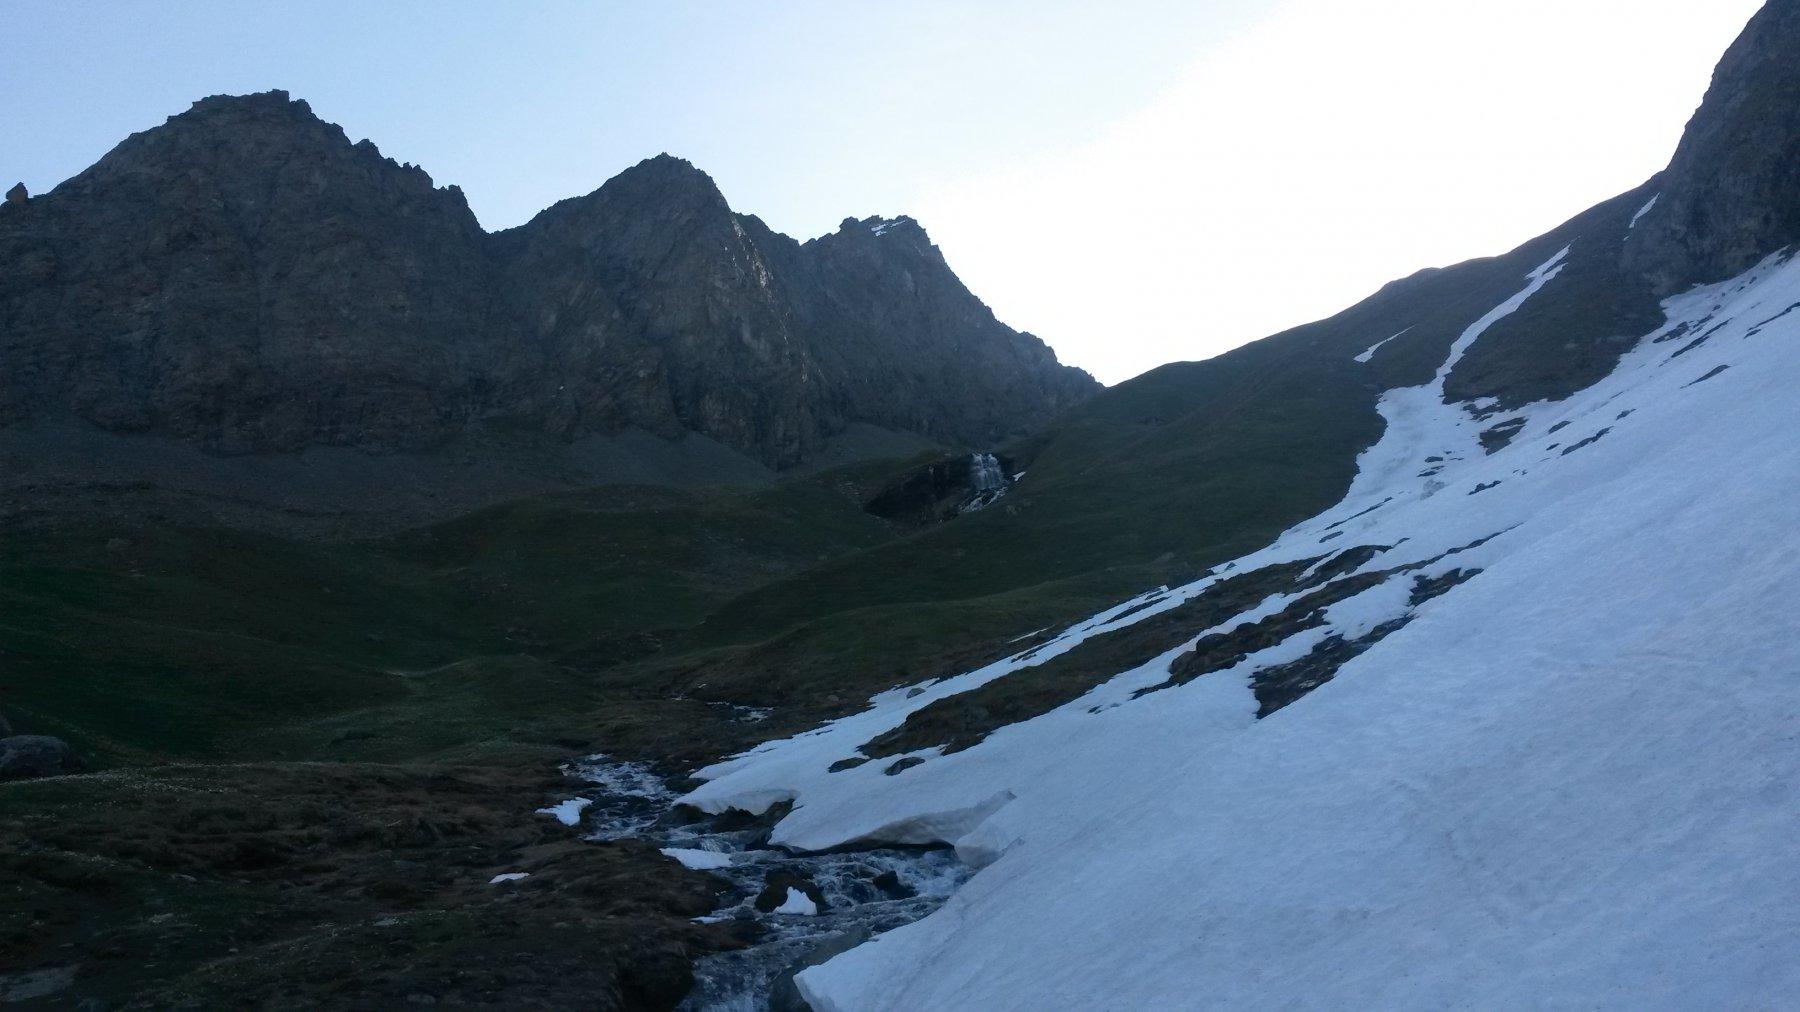 Prime lingue di neve sotto la cascata (quota 2400-2500)